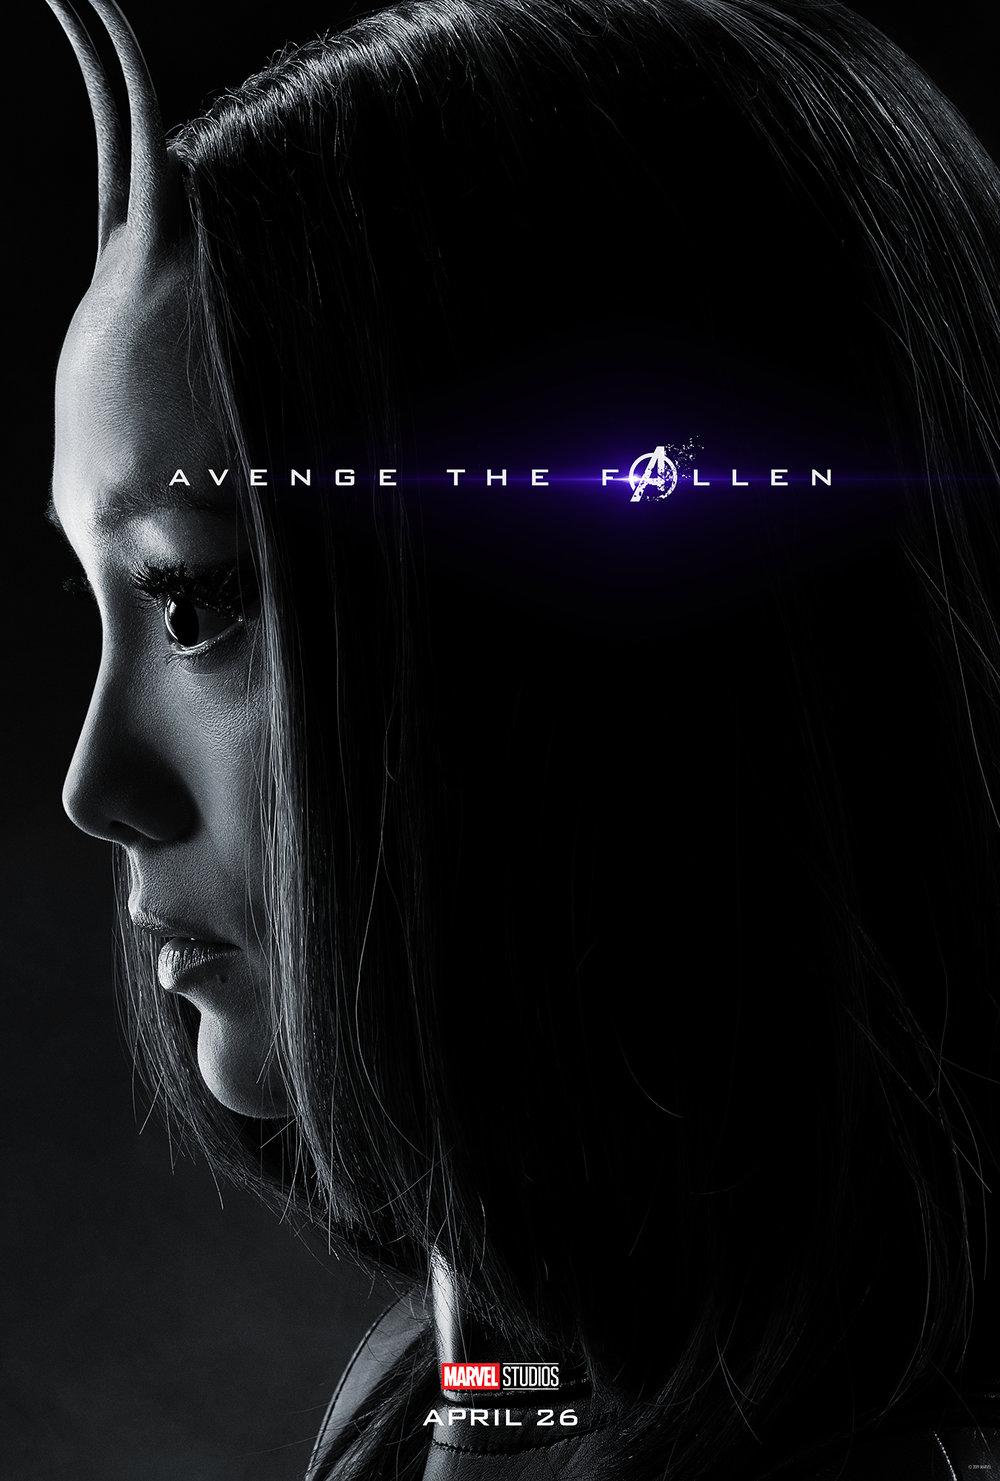 Avengers_Endgame_Char1Sht_Mantis_Avenge_mech1_FS_100dpi.jpg